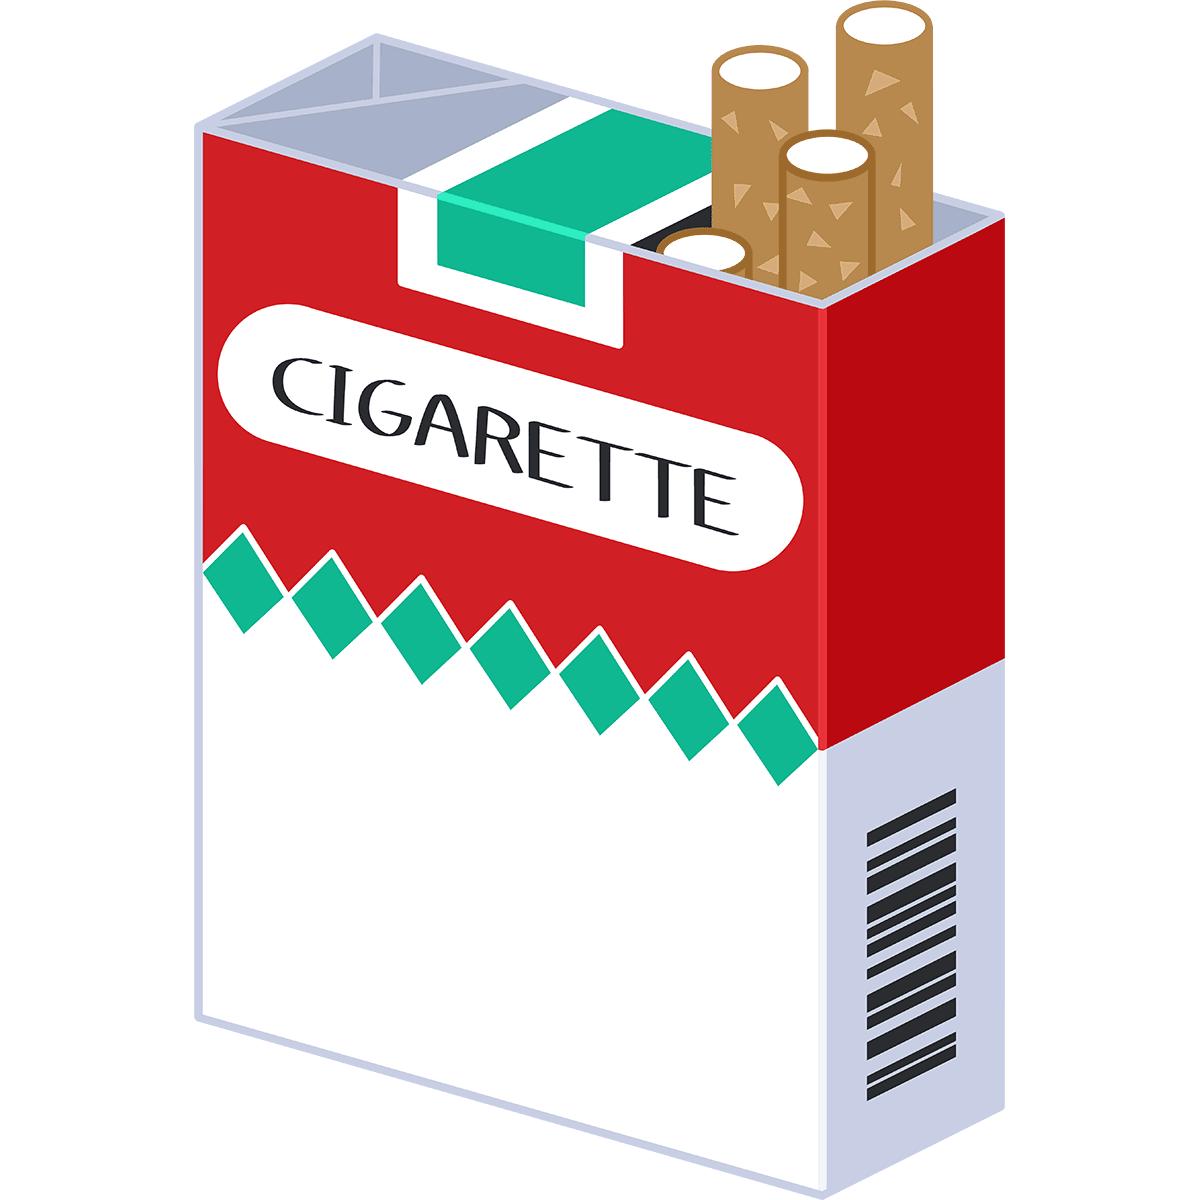 箱に入ったタバコの無料イラスト